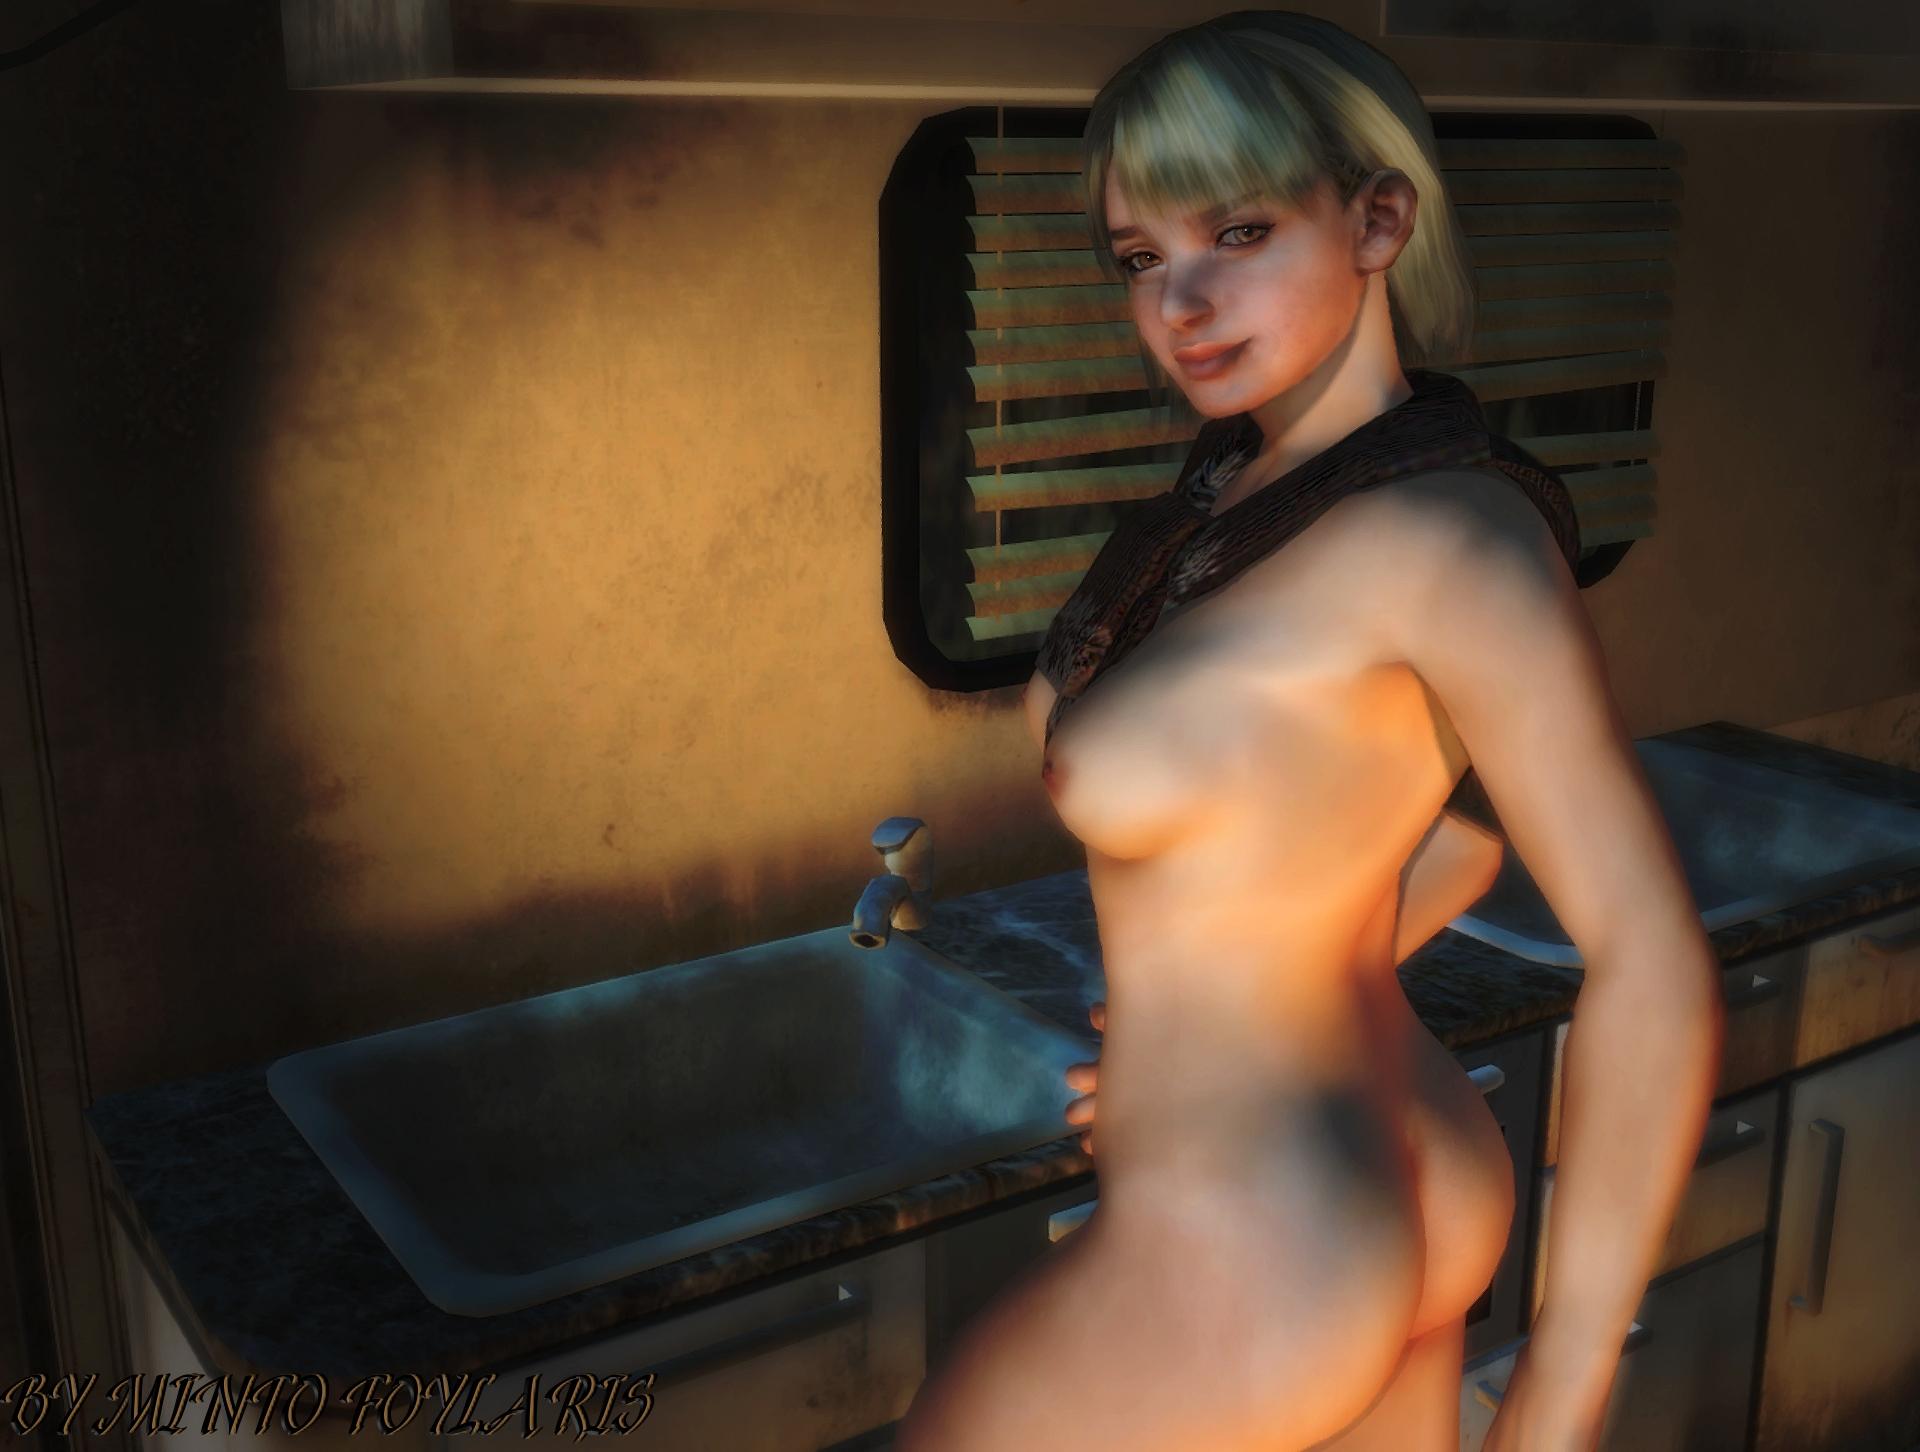 Ashley dans resident evil 4 nue exploited scene